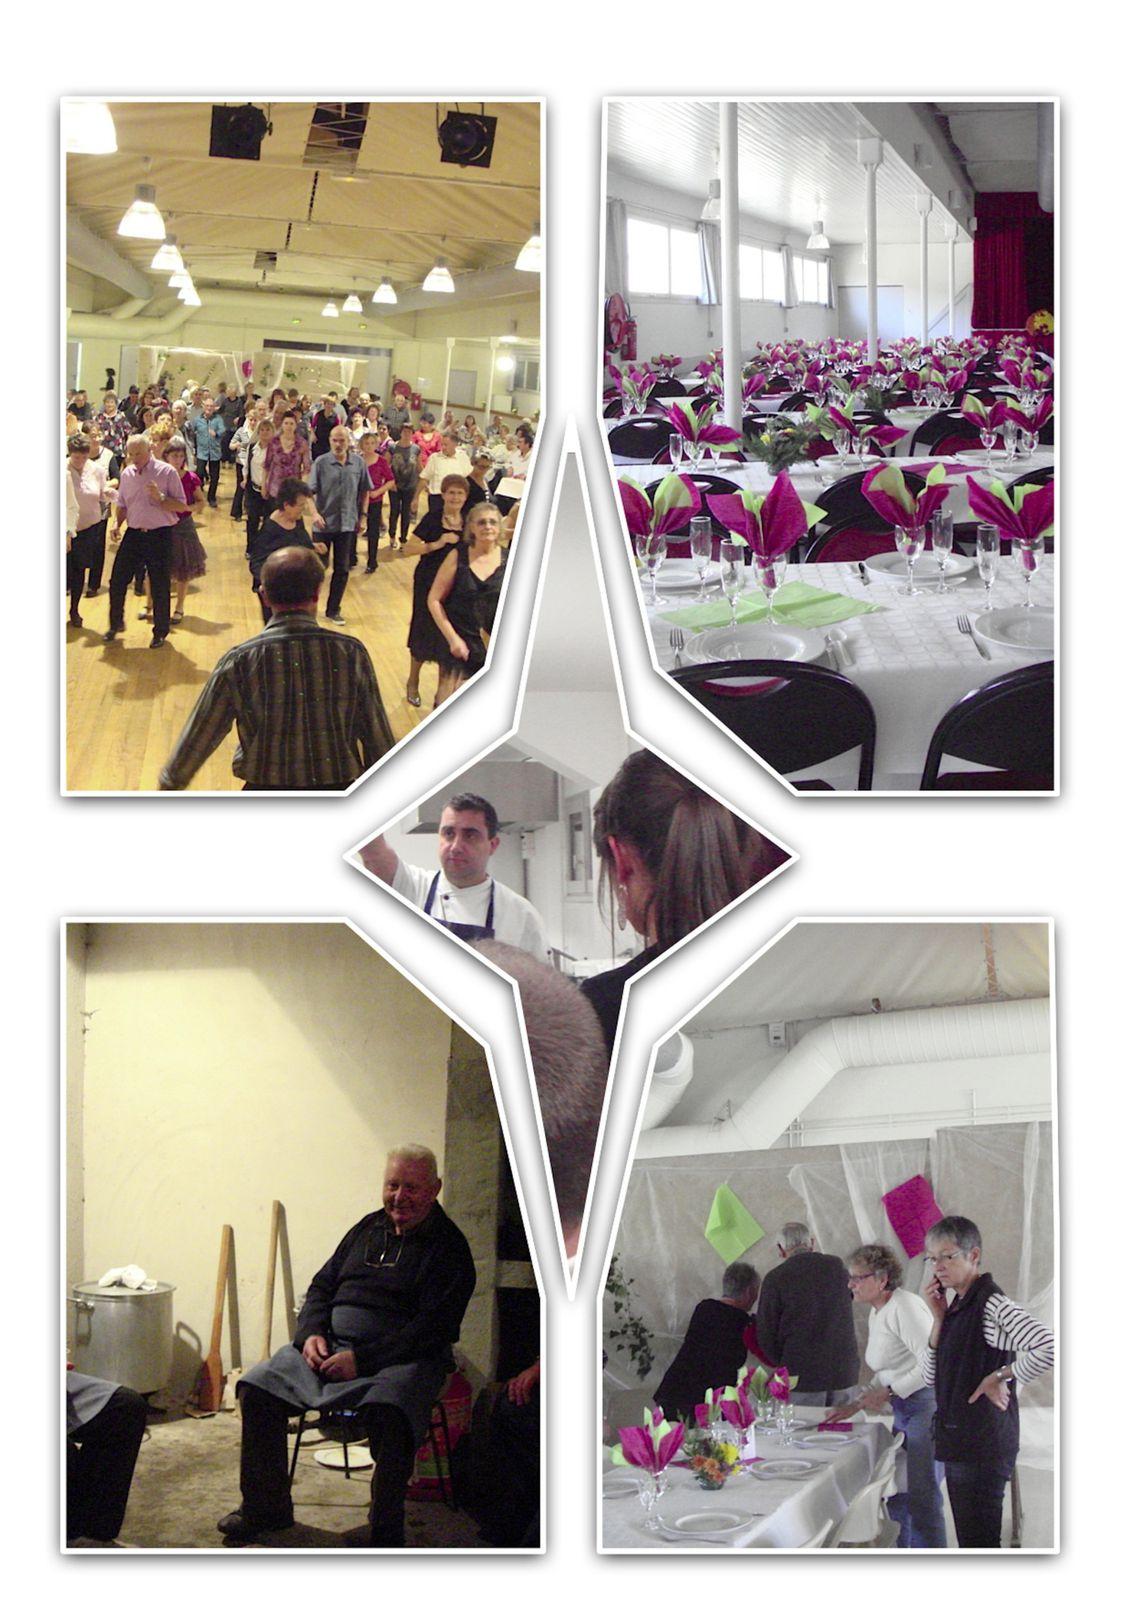 repas dansant 3:11:2012